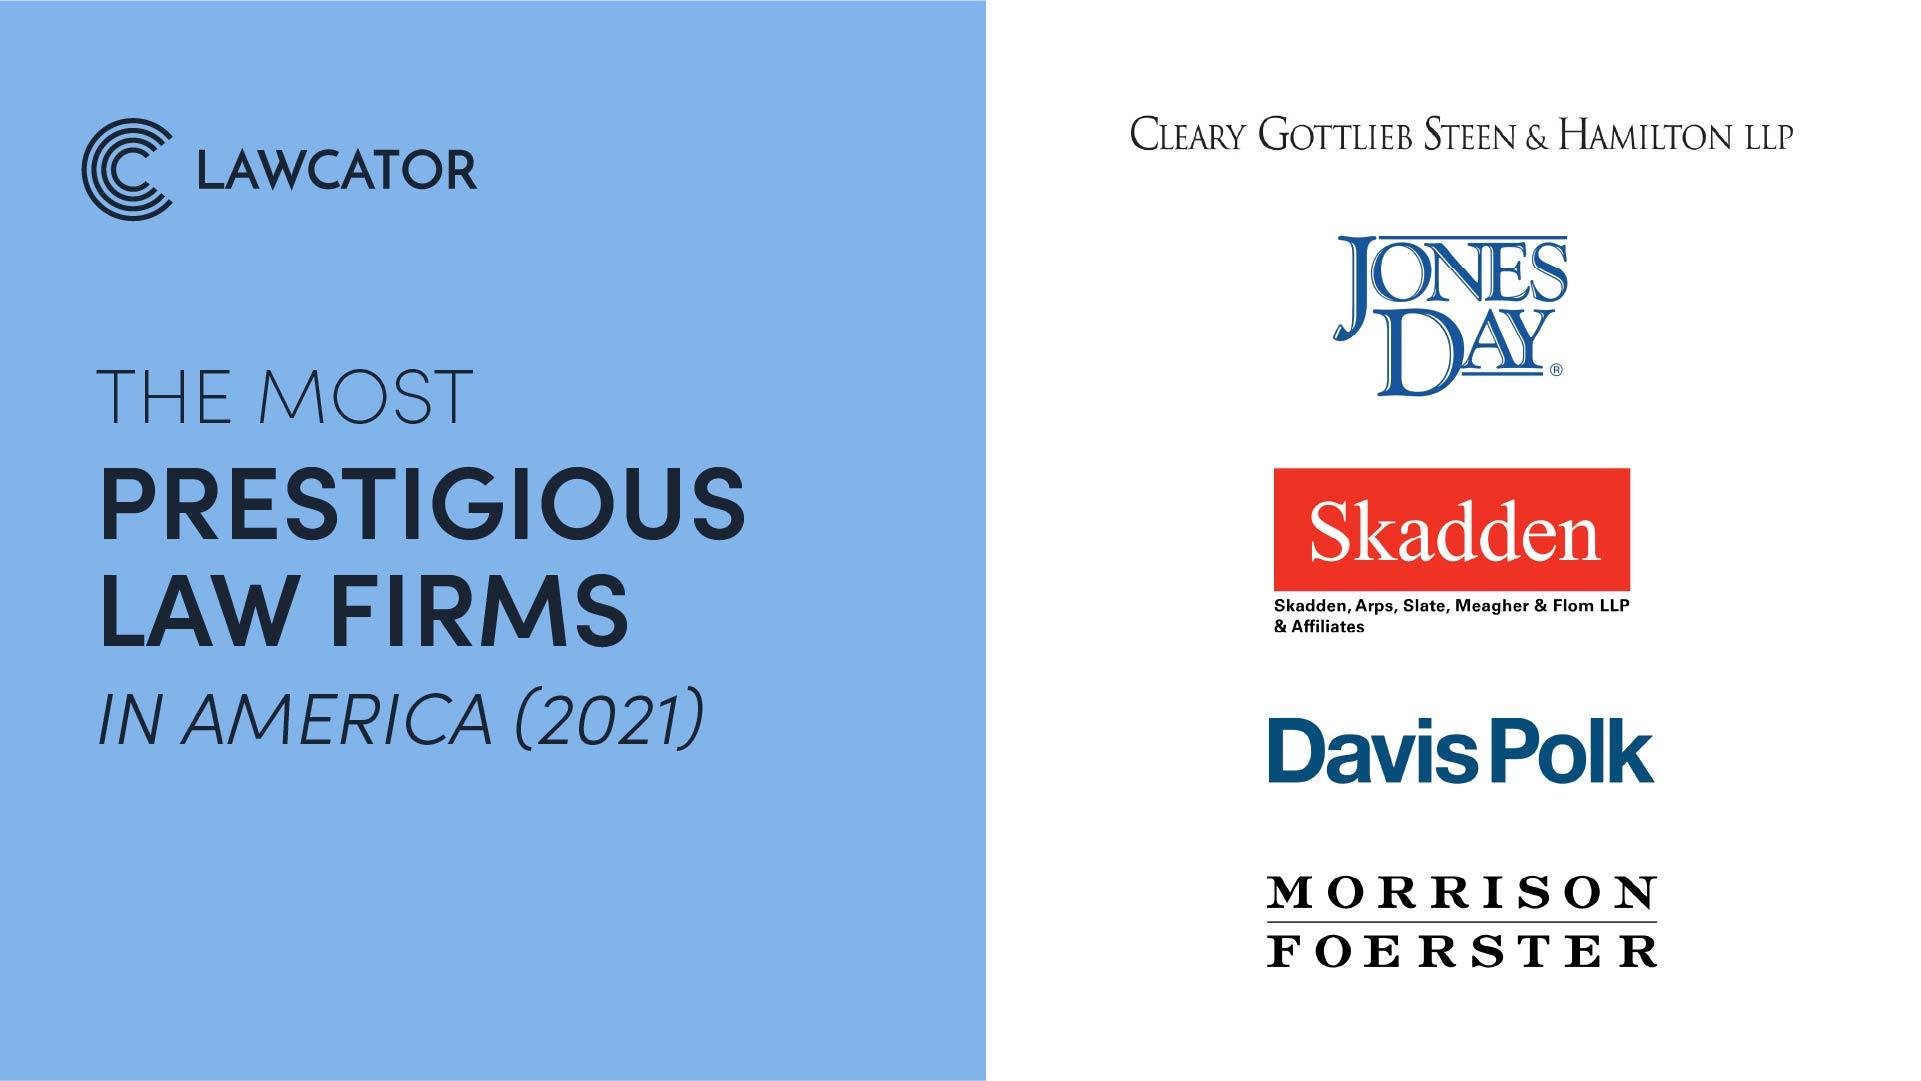 The most prestigious law firms in America (2021)